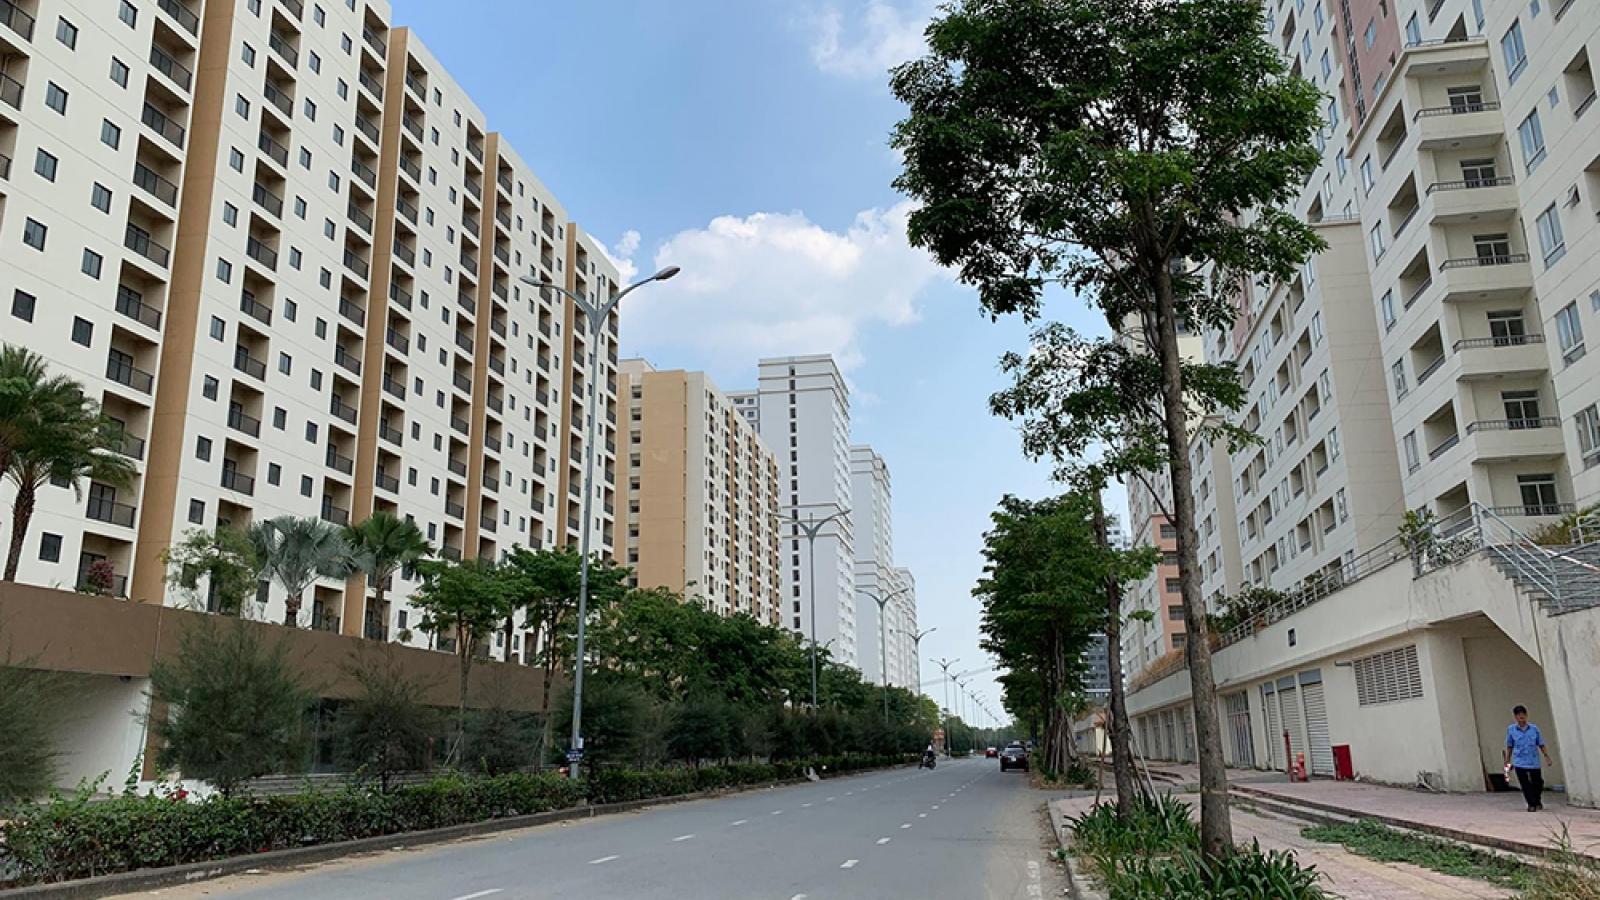 Nhiều người muốn vào Ban Quản trị chung cư với mục đích trục lợi